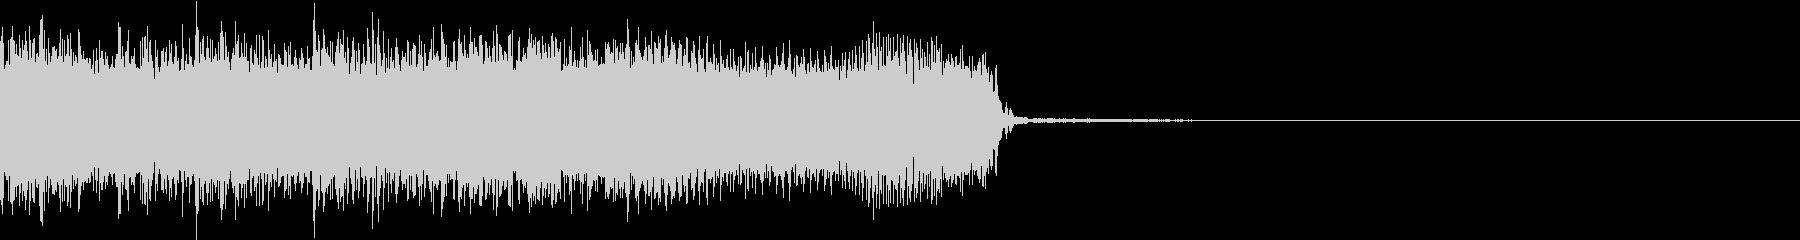 メタル ジングル 3 生演奏の未再生の波形